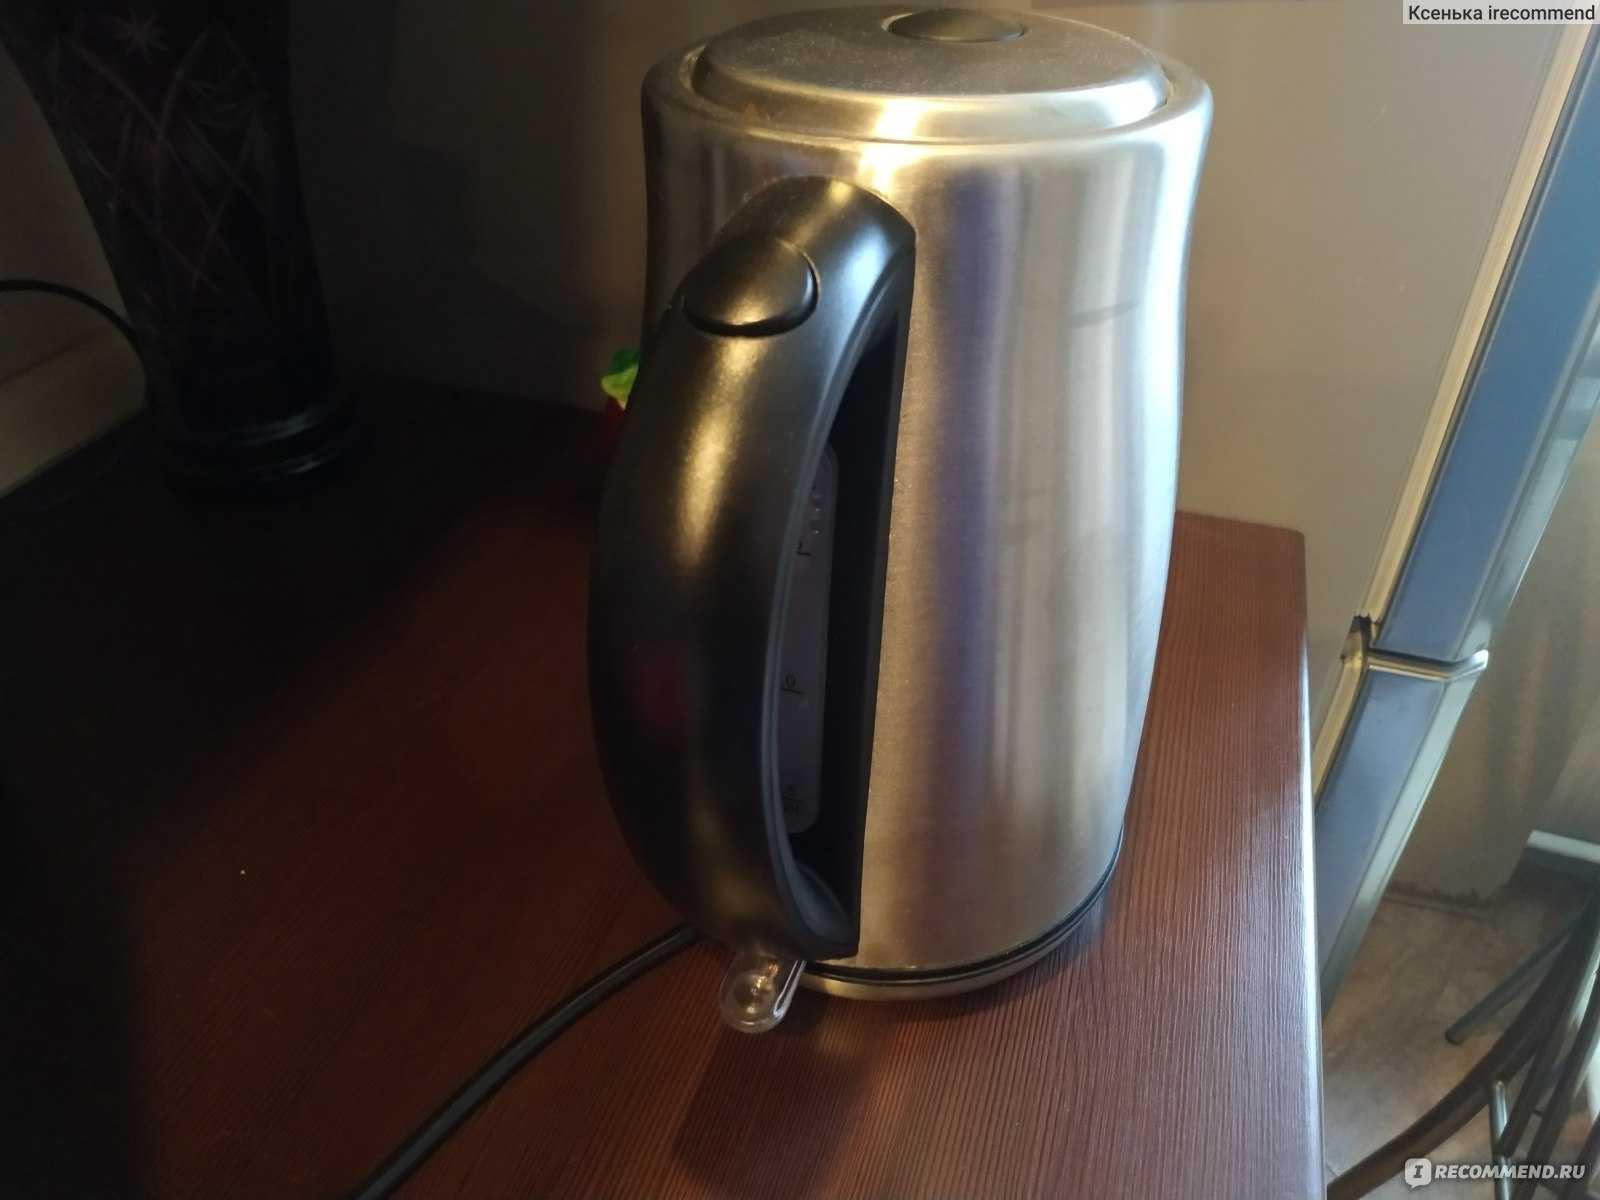 Какой чайник выбрать электрический или для плиты?